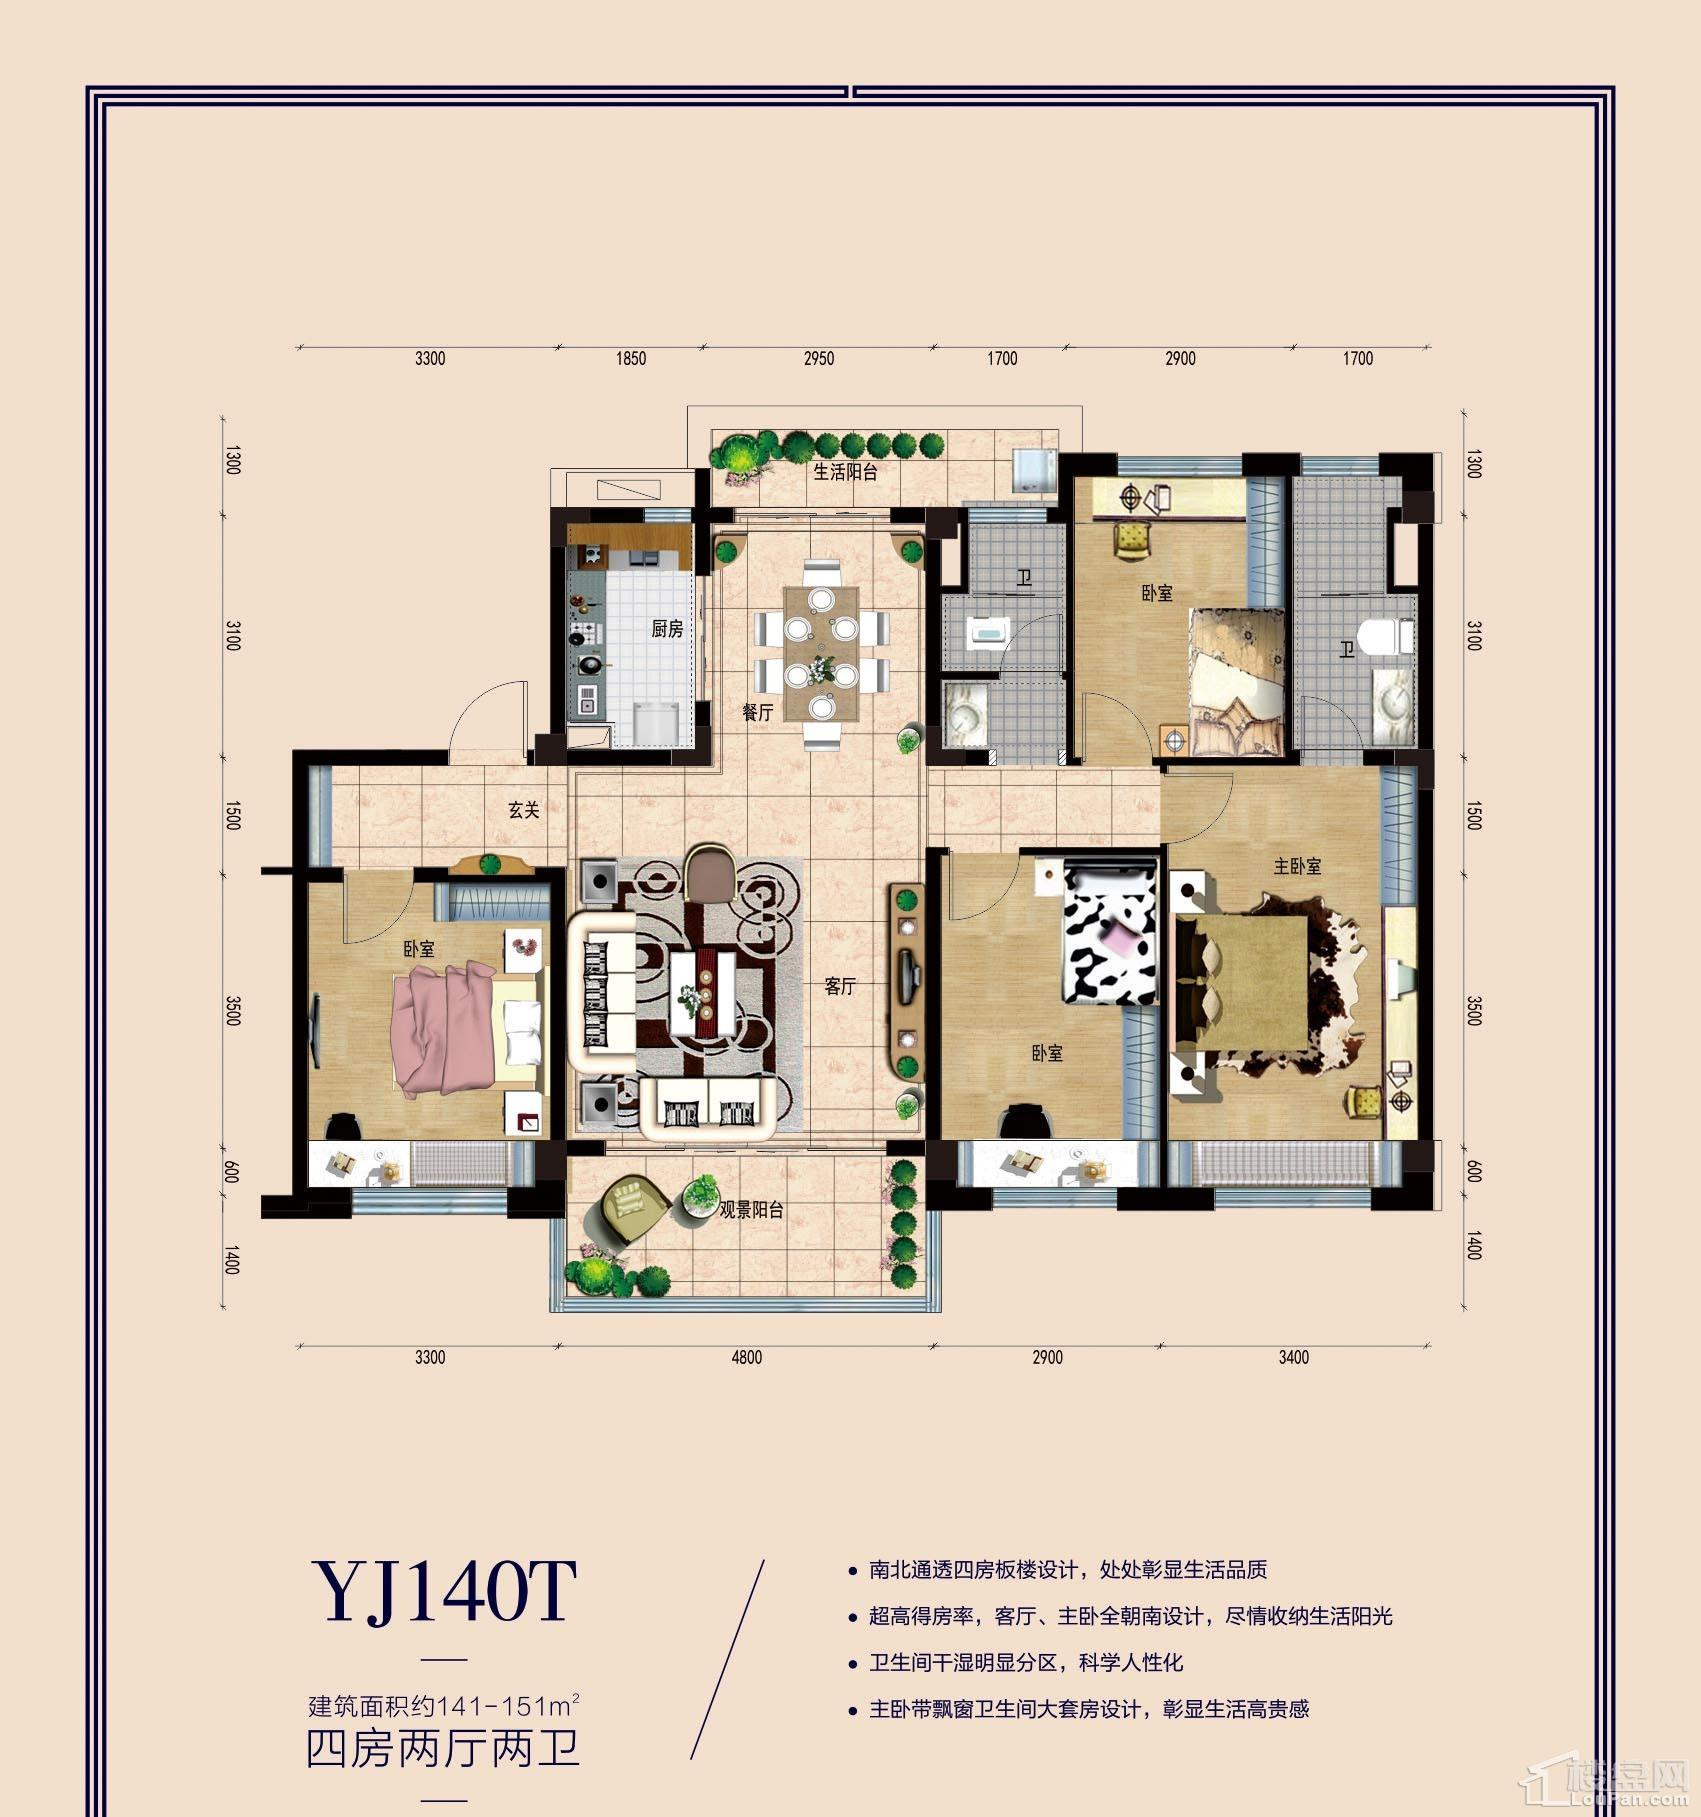 溆浦碧桂园YJ140T高清户型图